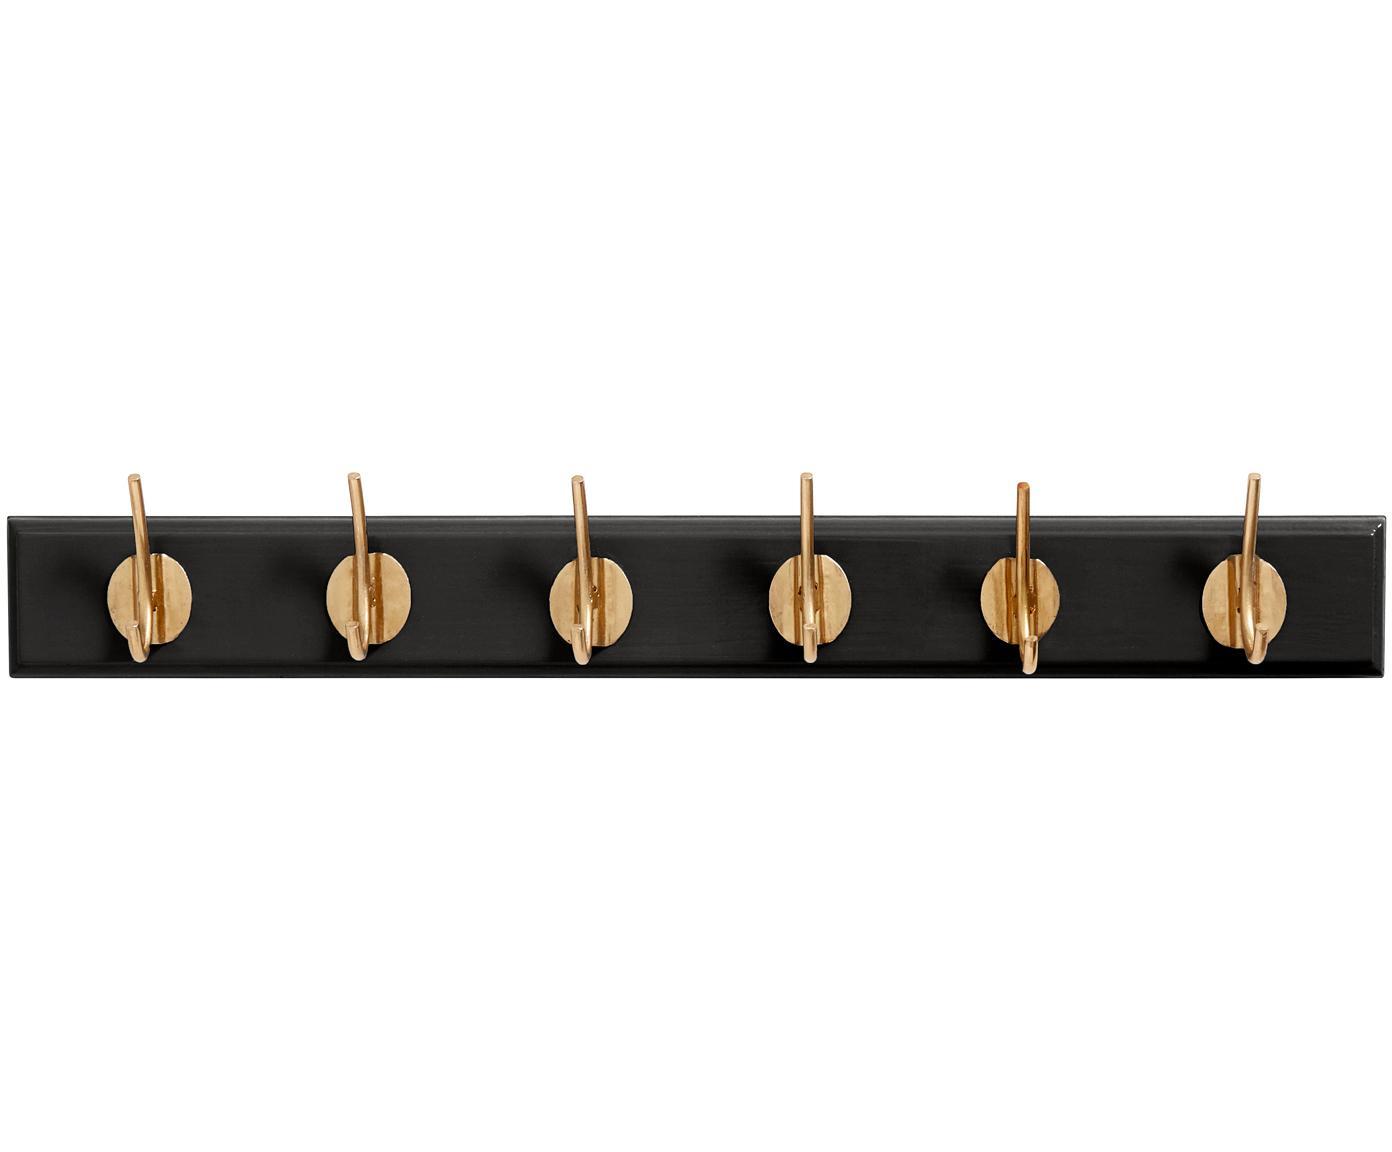 Wieszak ścienny z hakami z metalu Aoife, Czarny, S 60 x W 7 cm